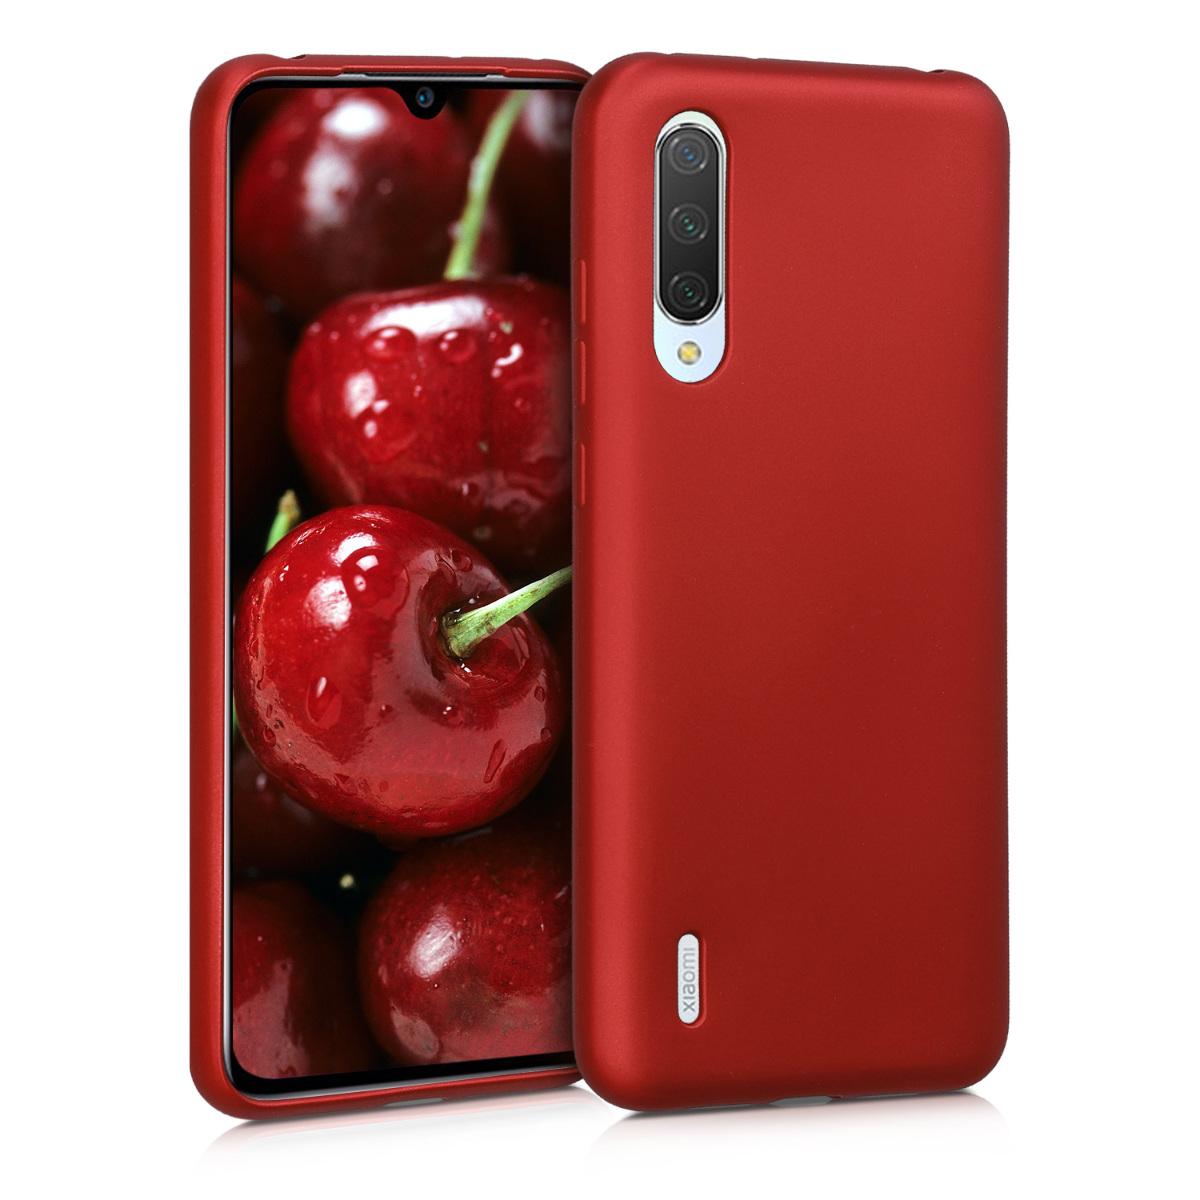 KW Θήκη Σιλικόνης Xiaomi Mi 9 Lite - Metallic Dark Red (50587.36)